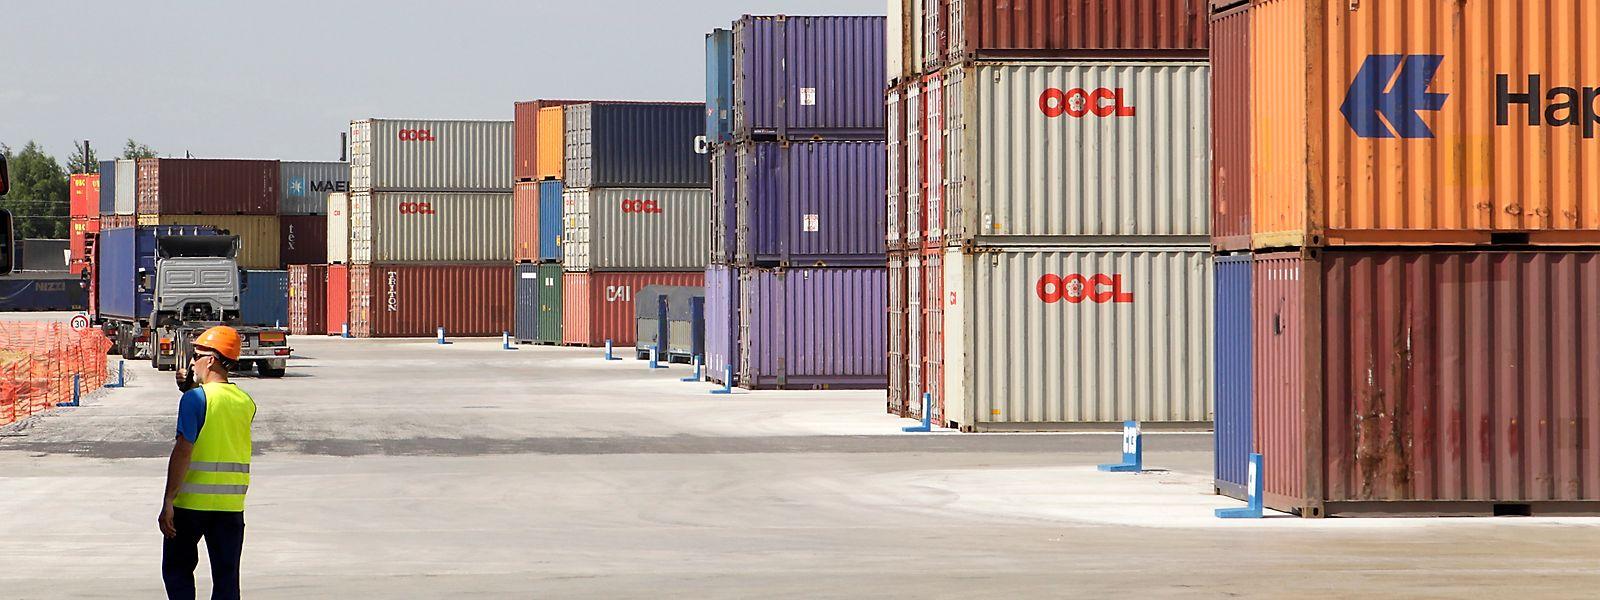 Au final, seule la Chine tire son épingle du jeu: ses importations au Luxembourg ont augmenté de 8% par rapport à 2019.